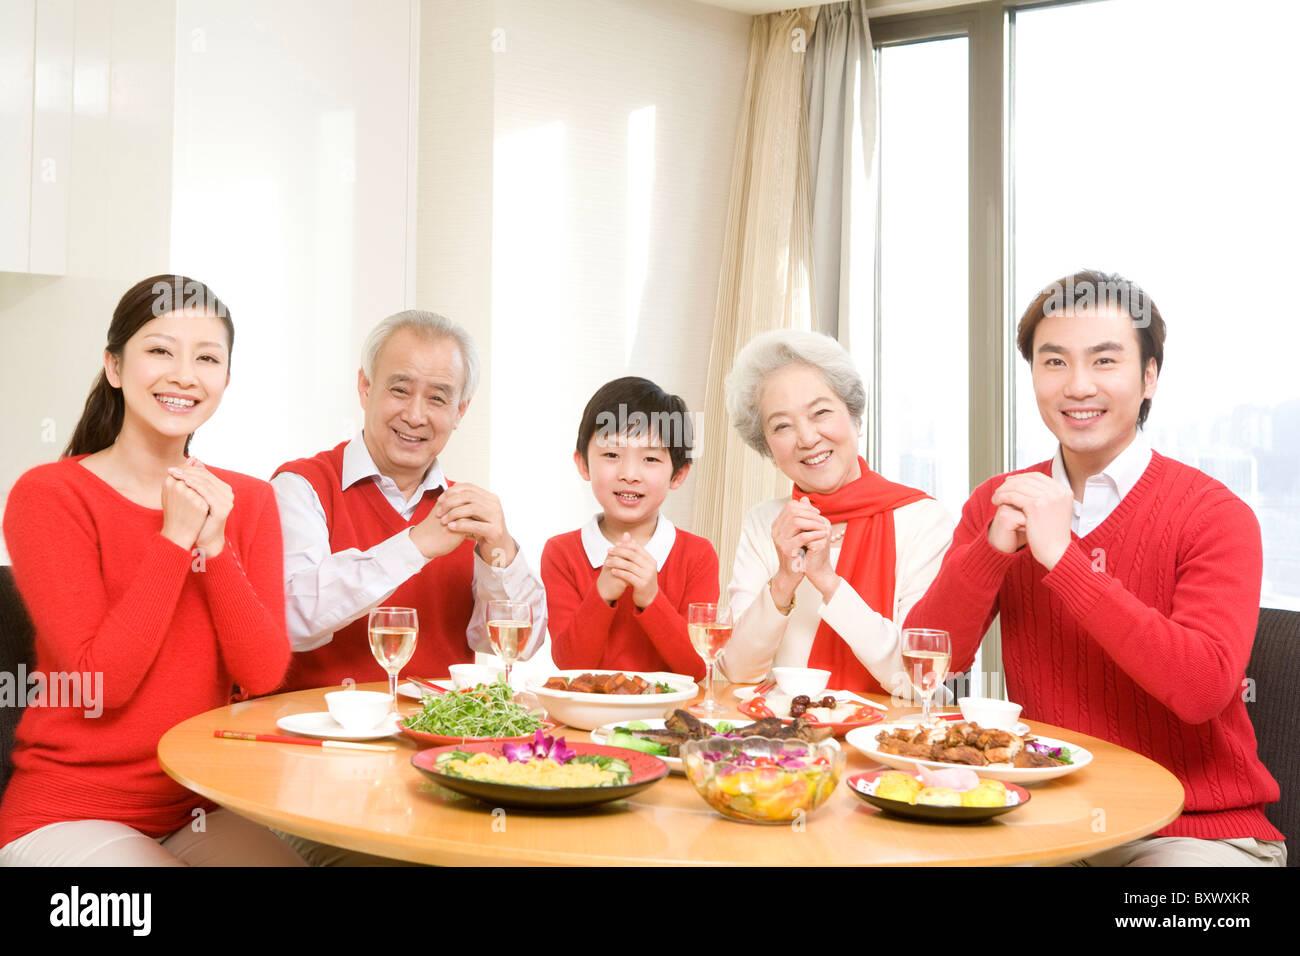 Die ganze Familie wünscht Ihnen ein frohes neues Jahr! Stockfoto ...